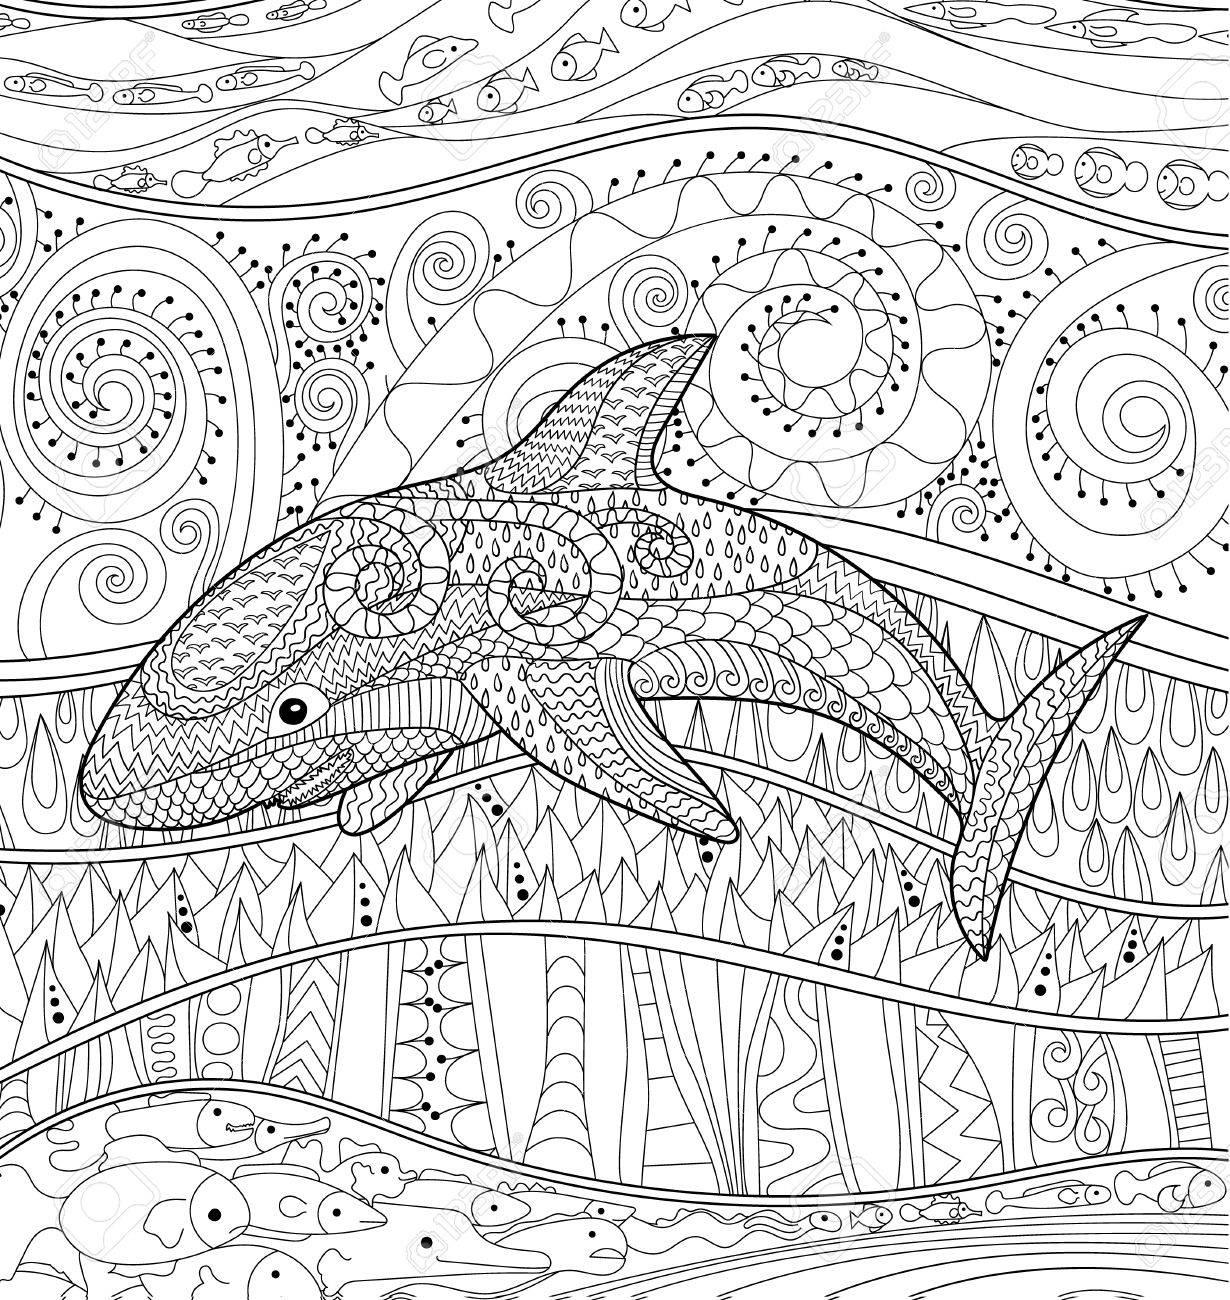 Requin Heureux Avec Des Détails Élevés. Adulte Coloriages Antistress.  Animaux Océanique Blanc Noir Pour L'art-Thérapie. Abstract Pattern Avec Des destiné Coloriage Requin Blanc Imprimer